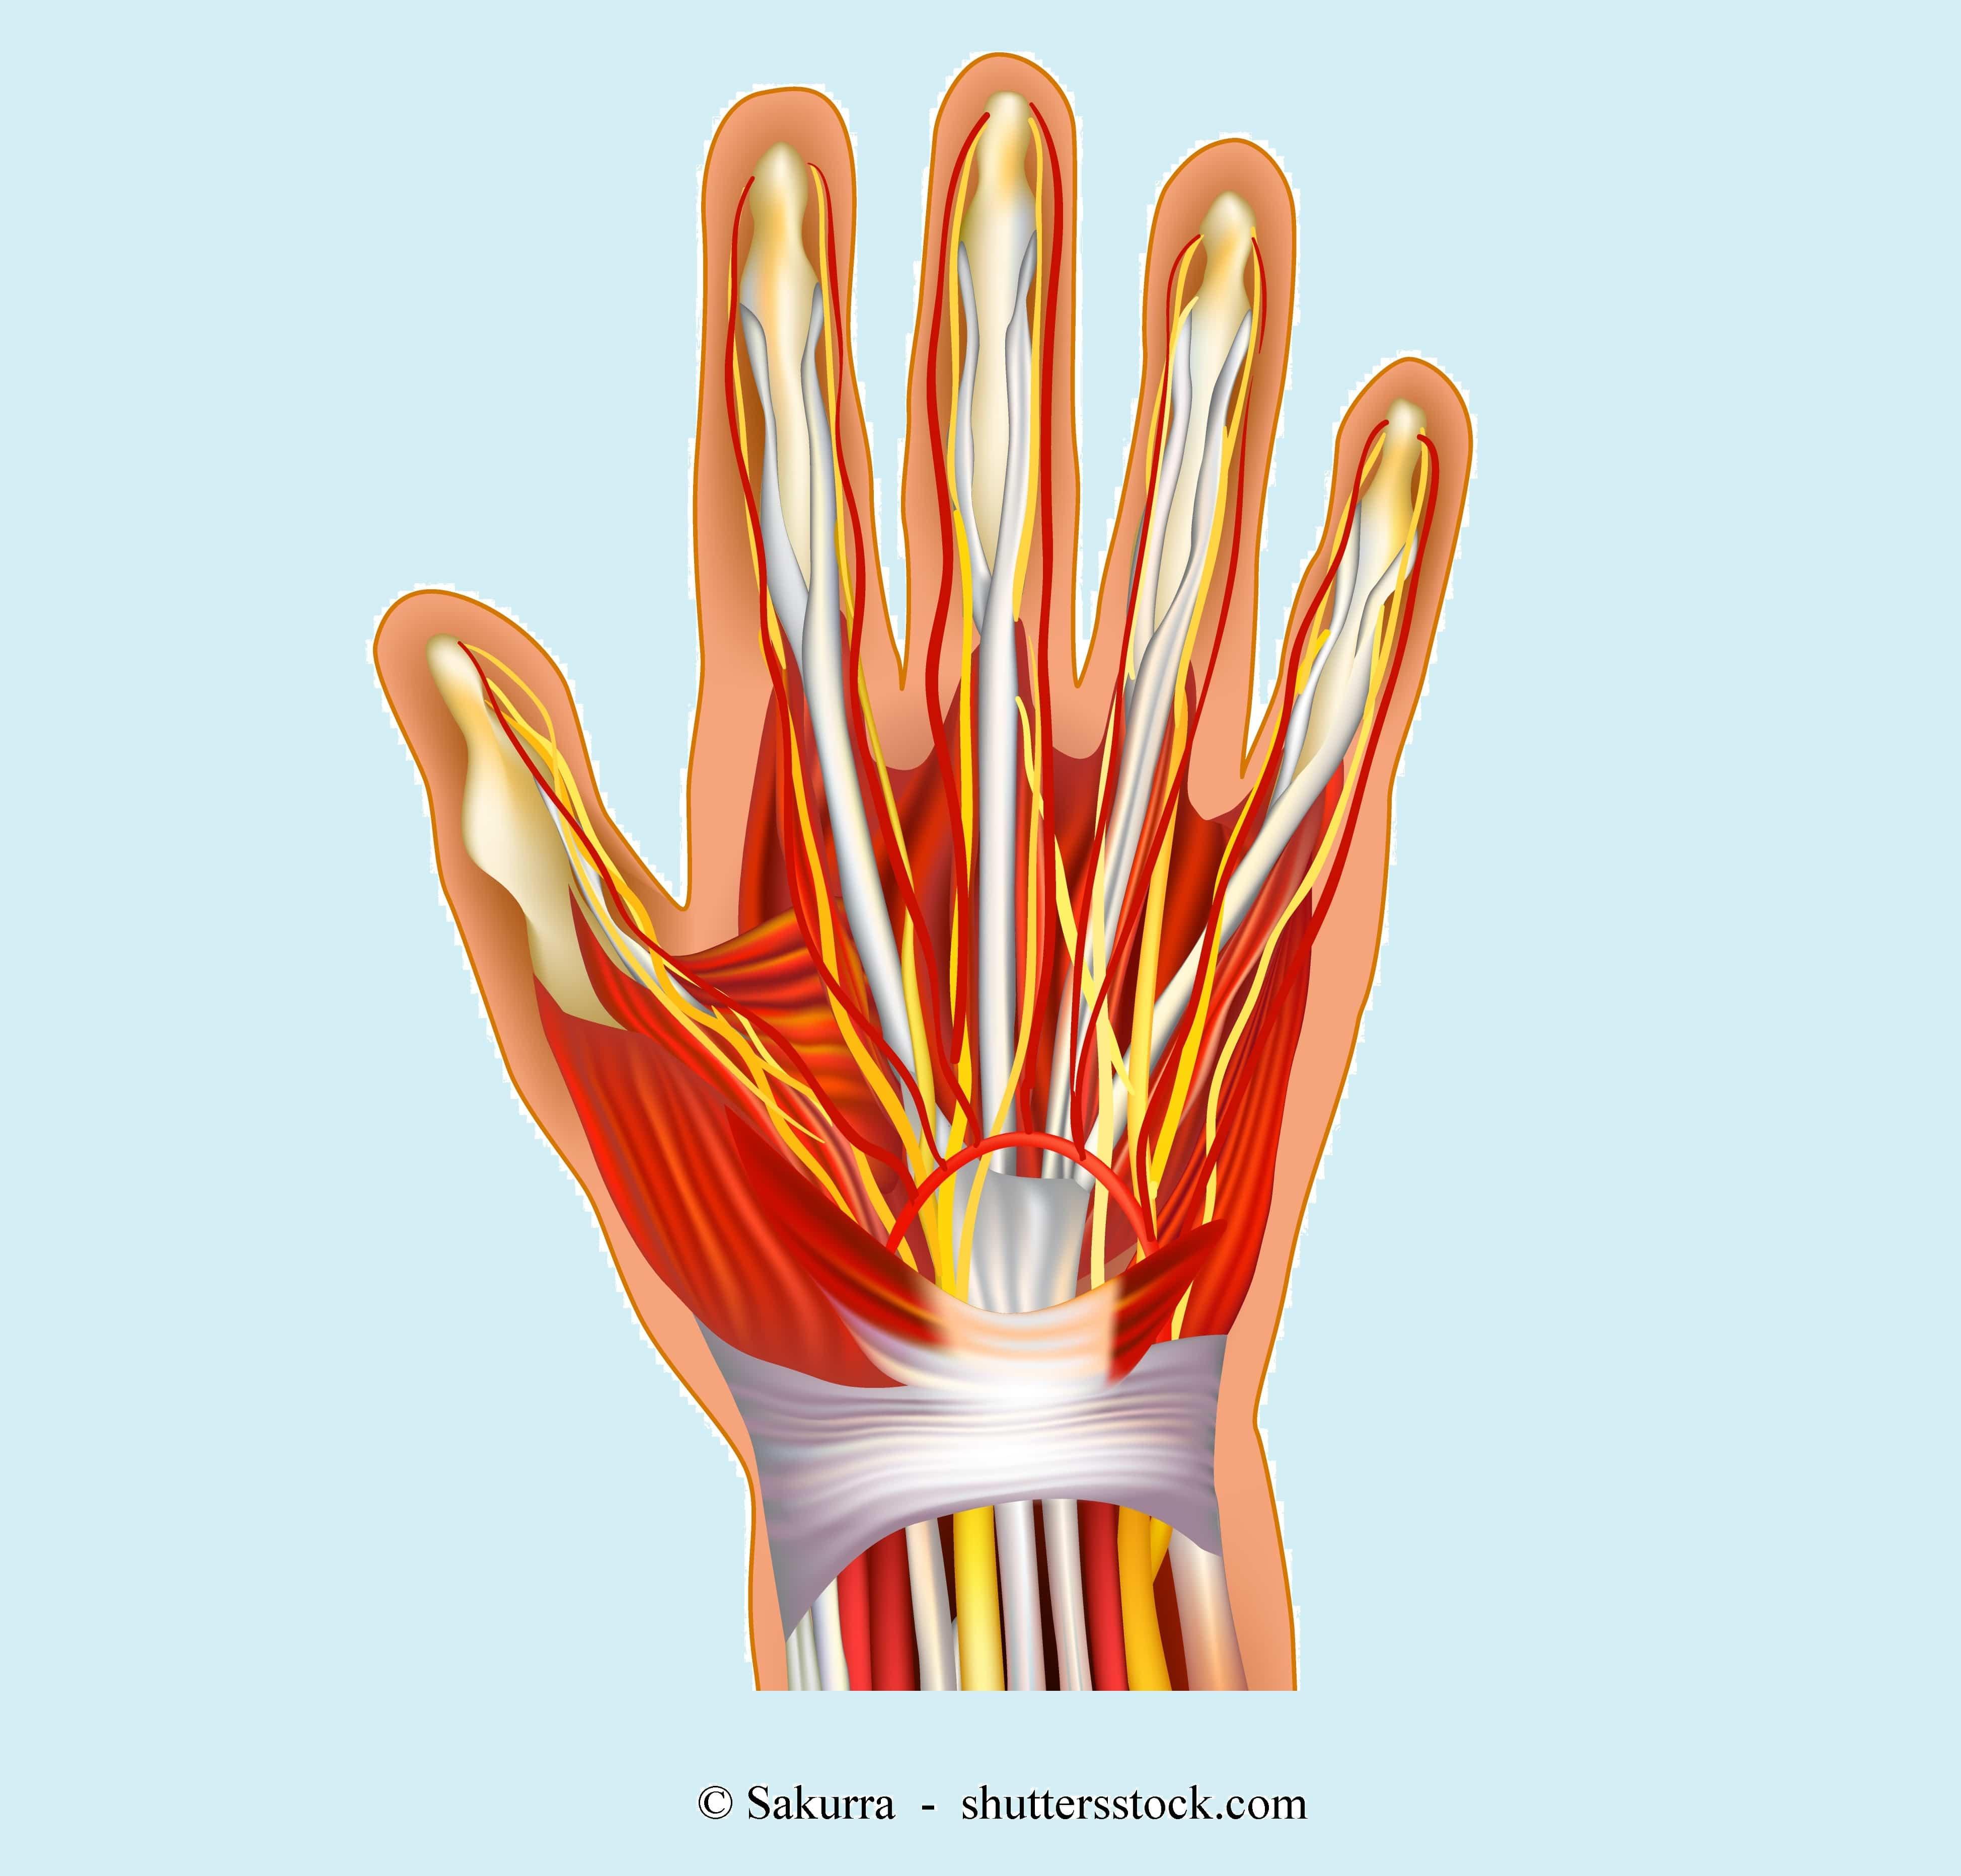 Taube Finger, taube Hände, Karpaltunnelsyndrom, rechte, linke, Nacht ...